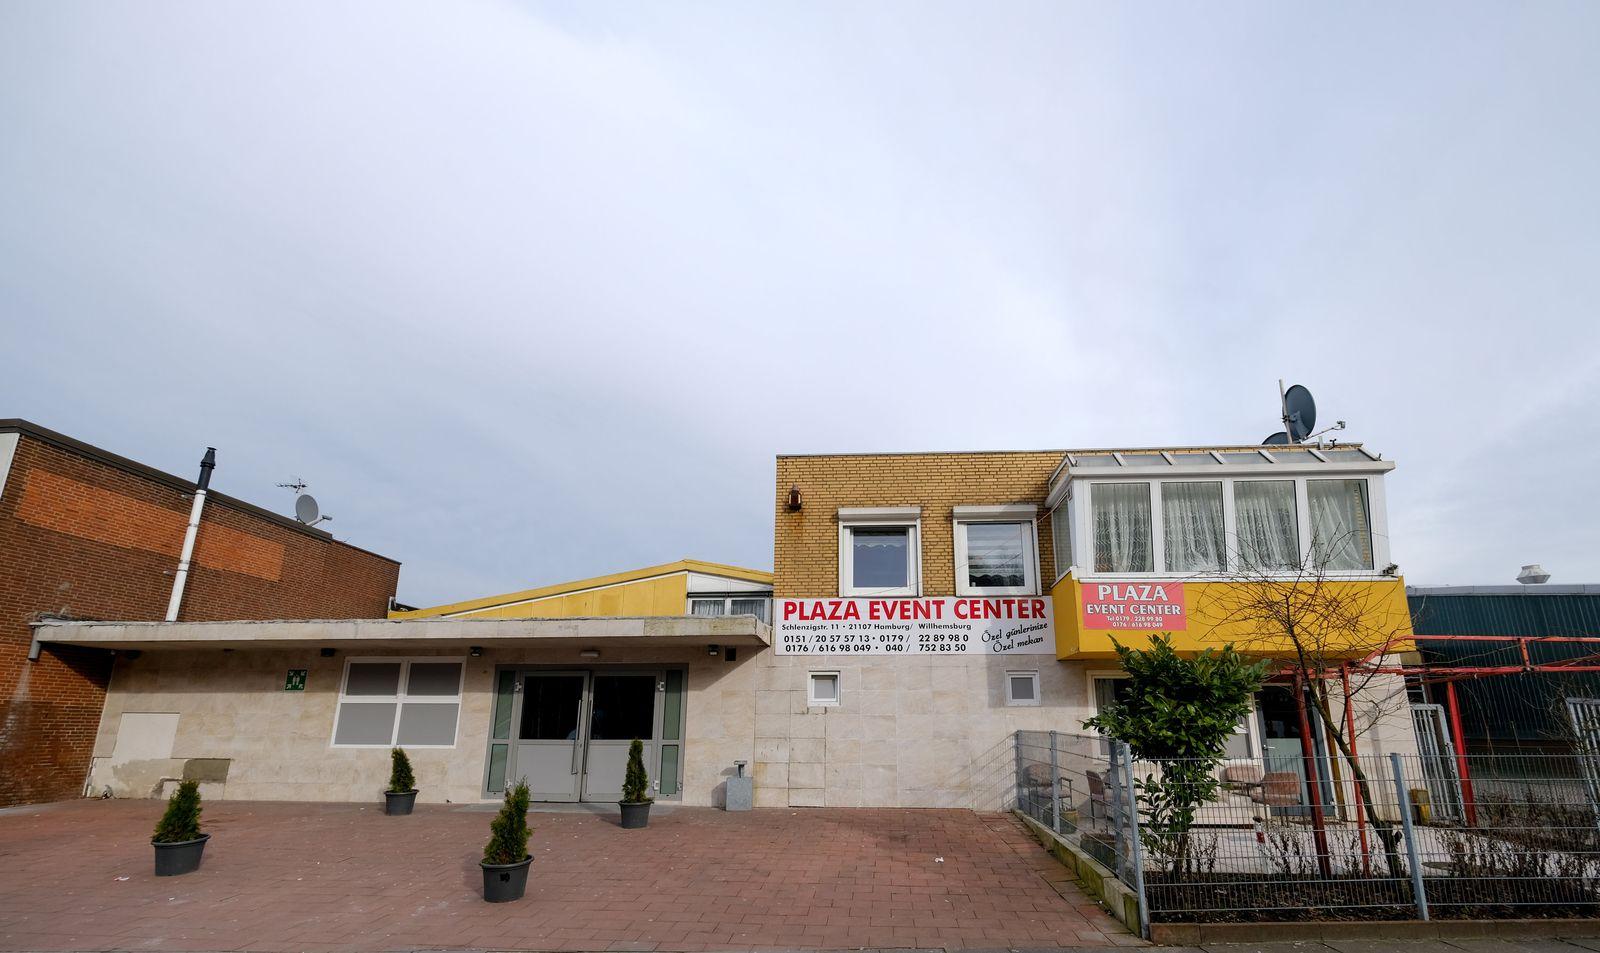 Plaza Event Center / Hamburg